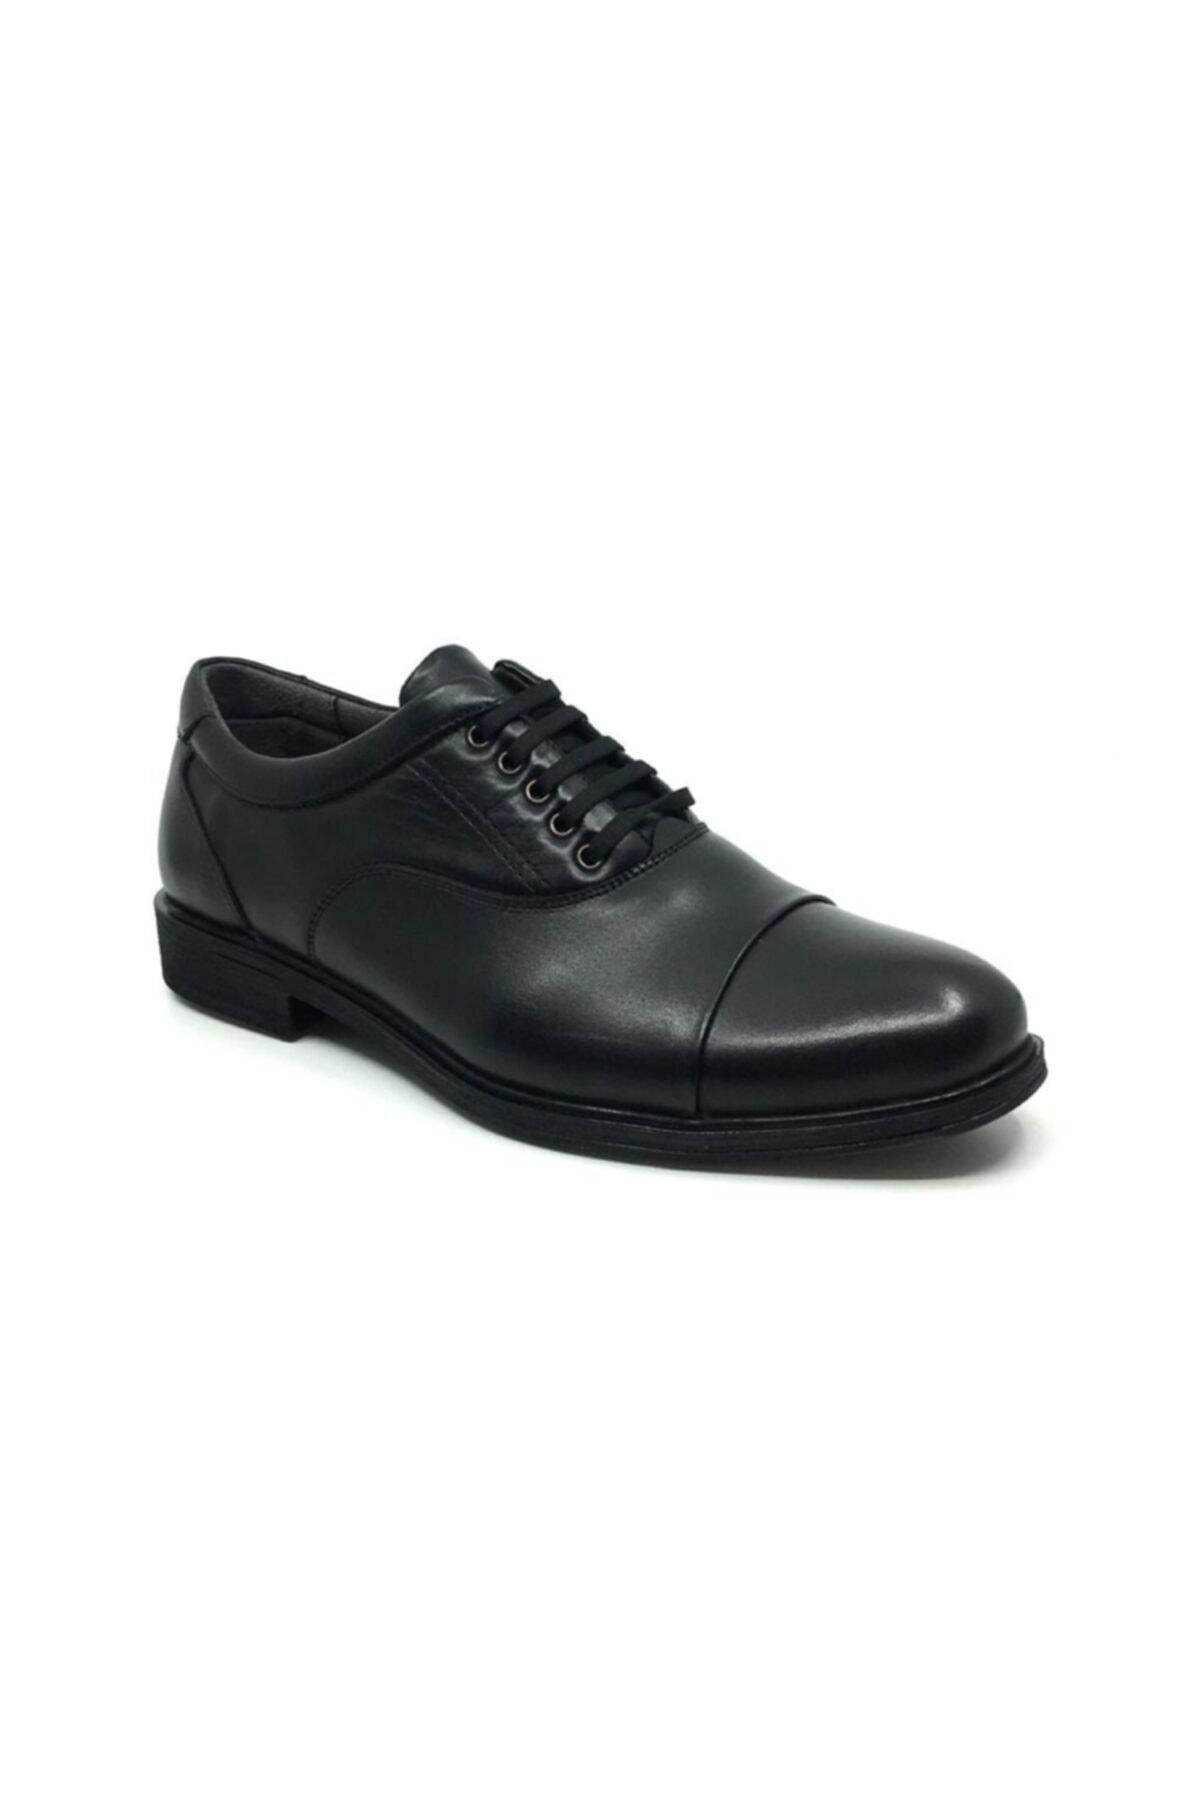 Taşpınar Erkek Siyah Kışlık Rahat Klasik Ayakkabı 1